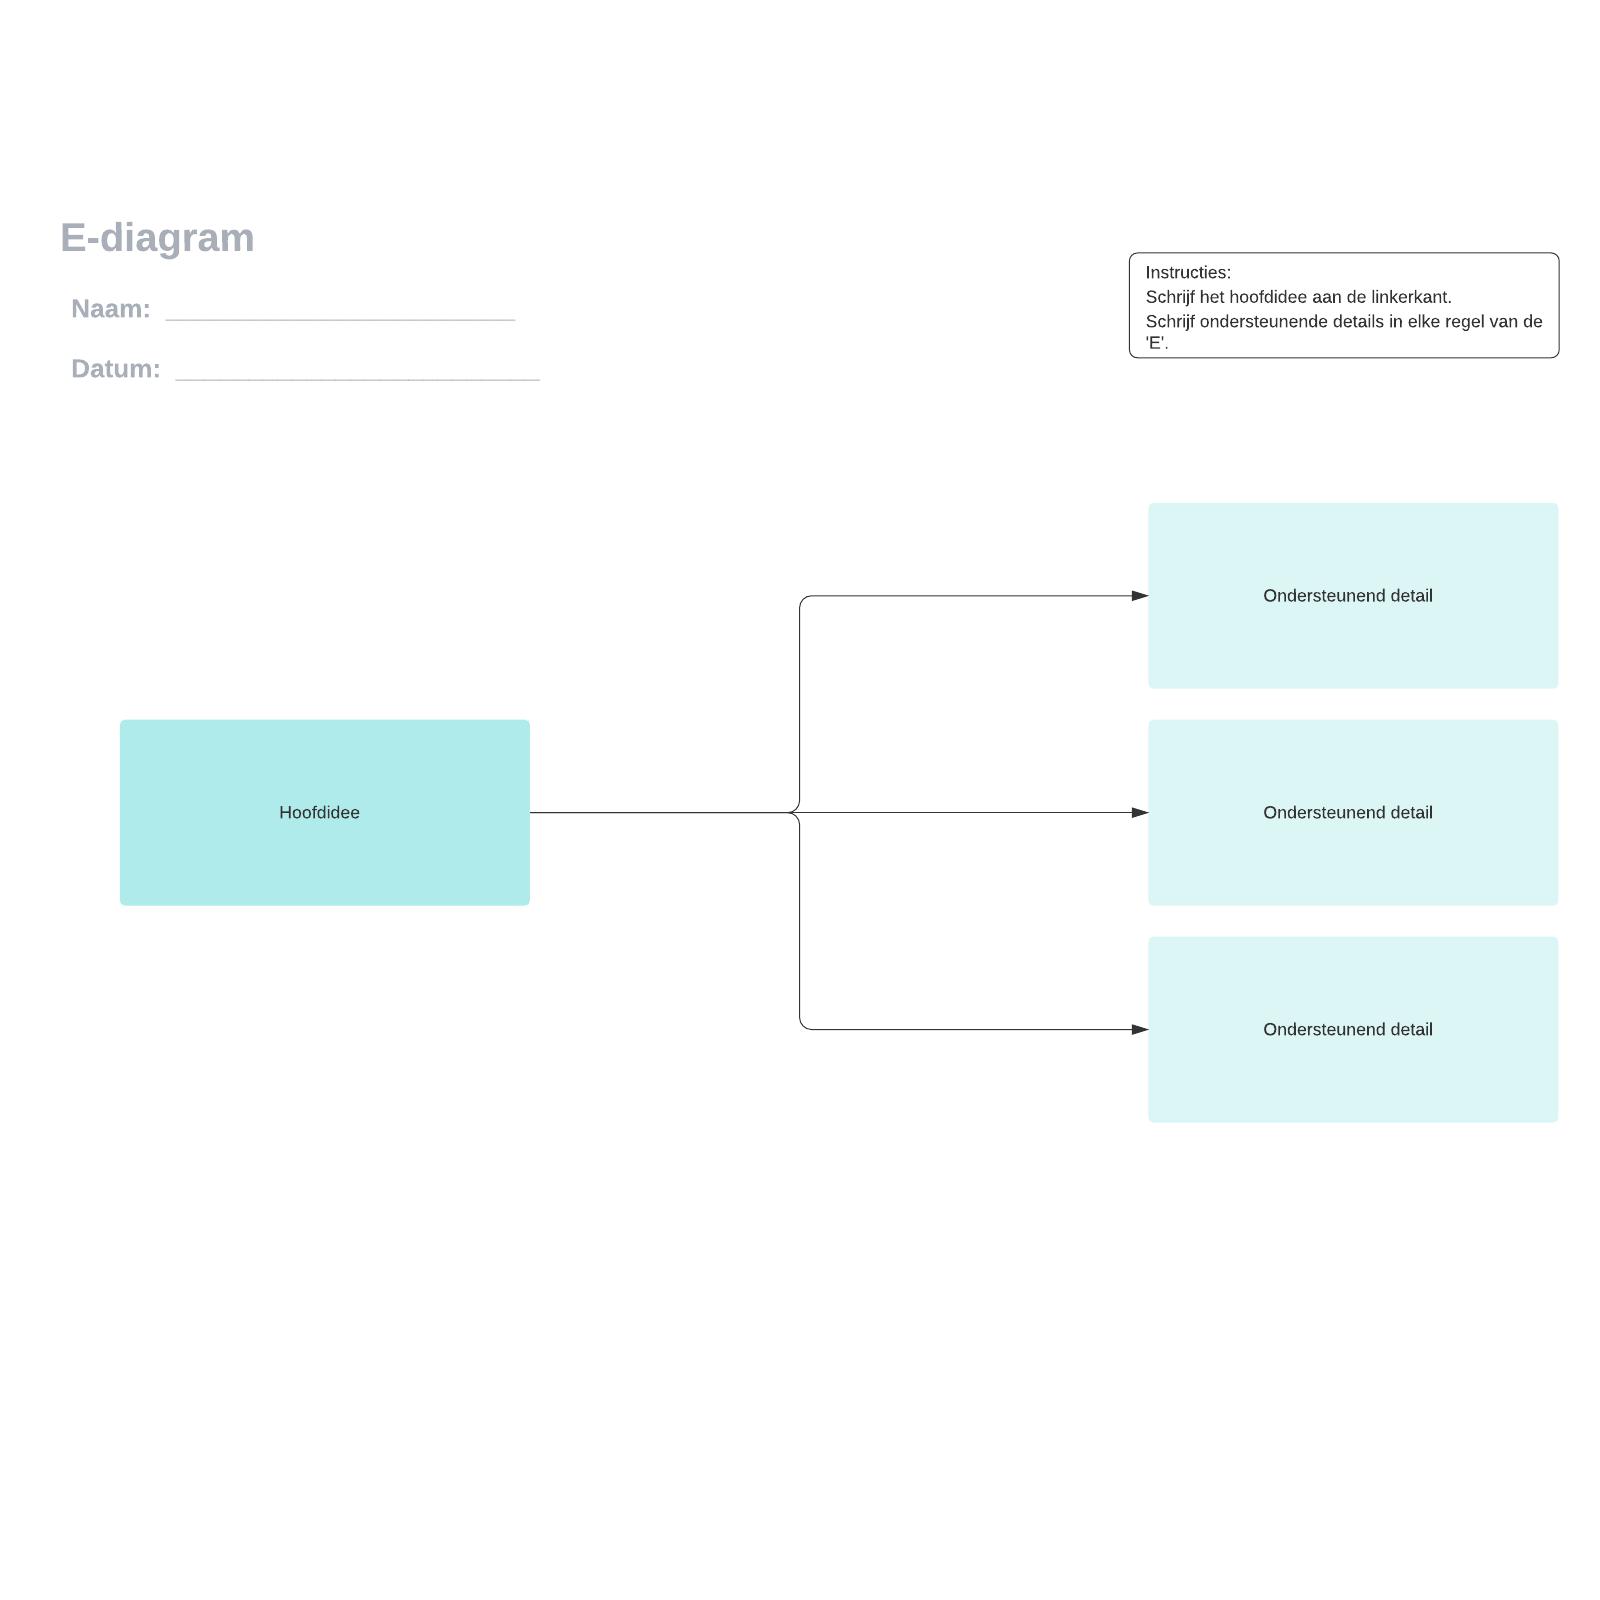 E-diagram